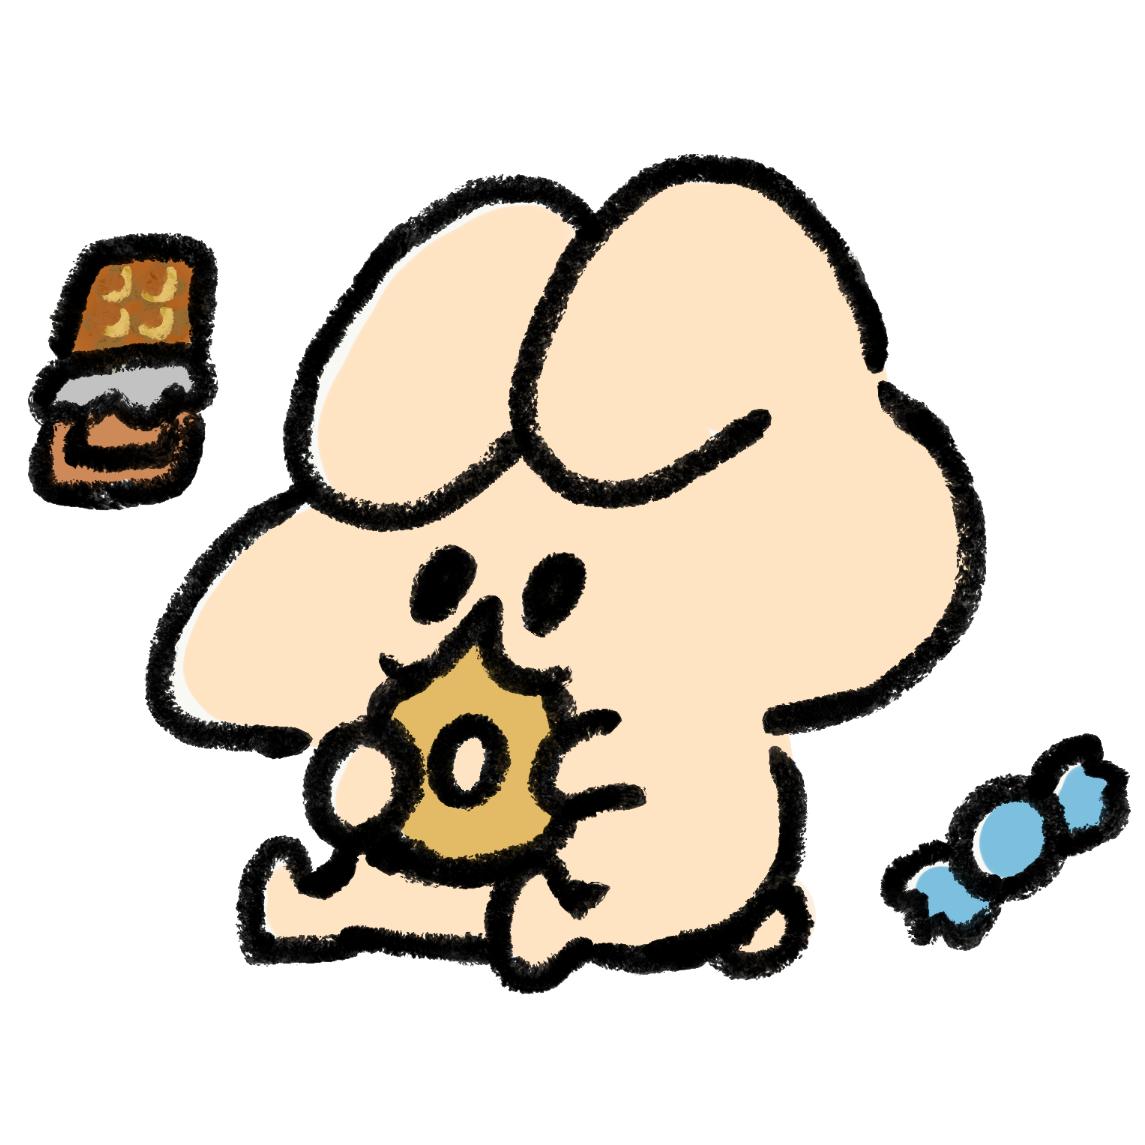 お菓子を食べるうさぎ